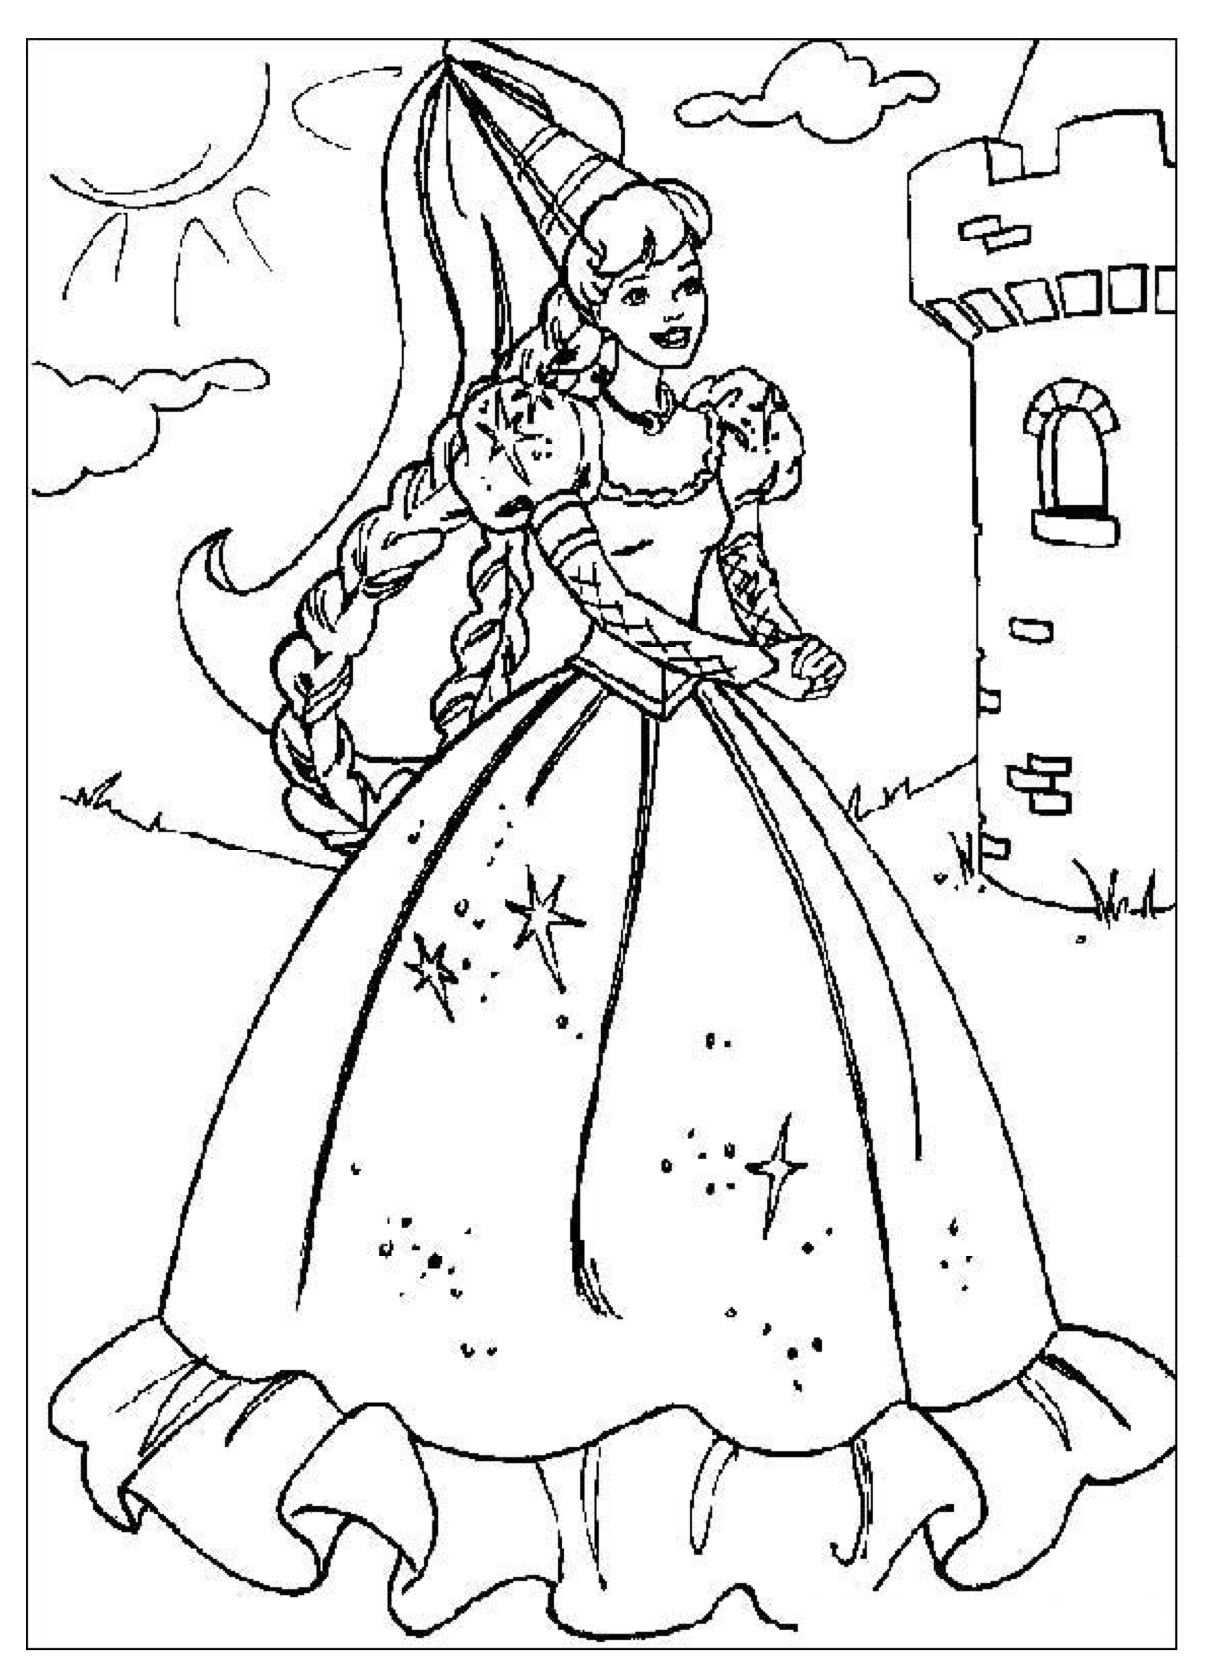 Kleurplaten Met Afbeeldingen Prinses Kleurplaatjes Disney